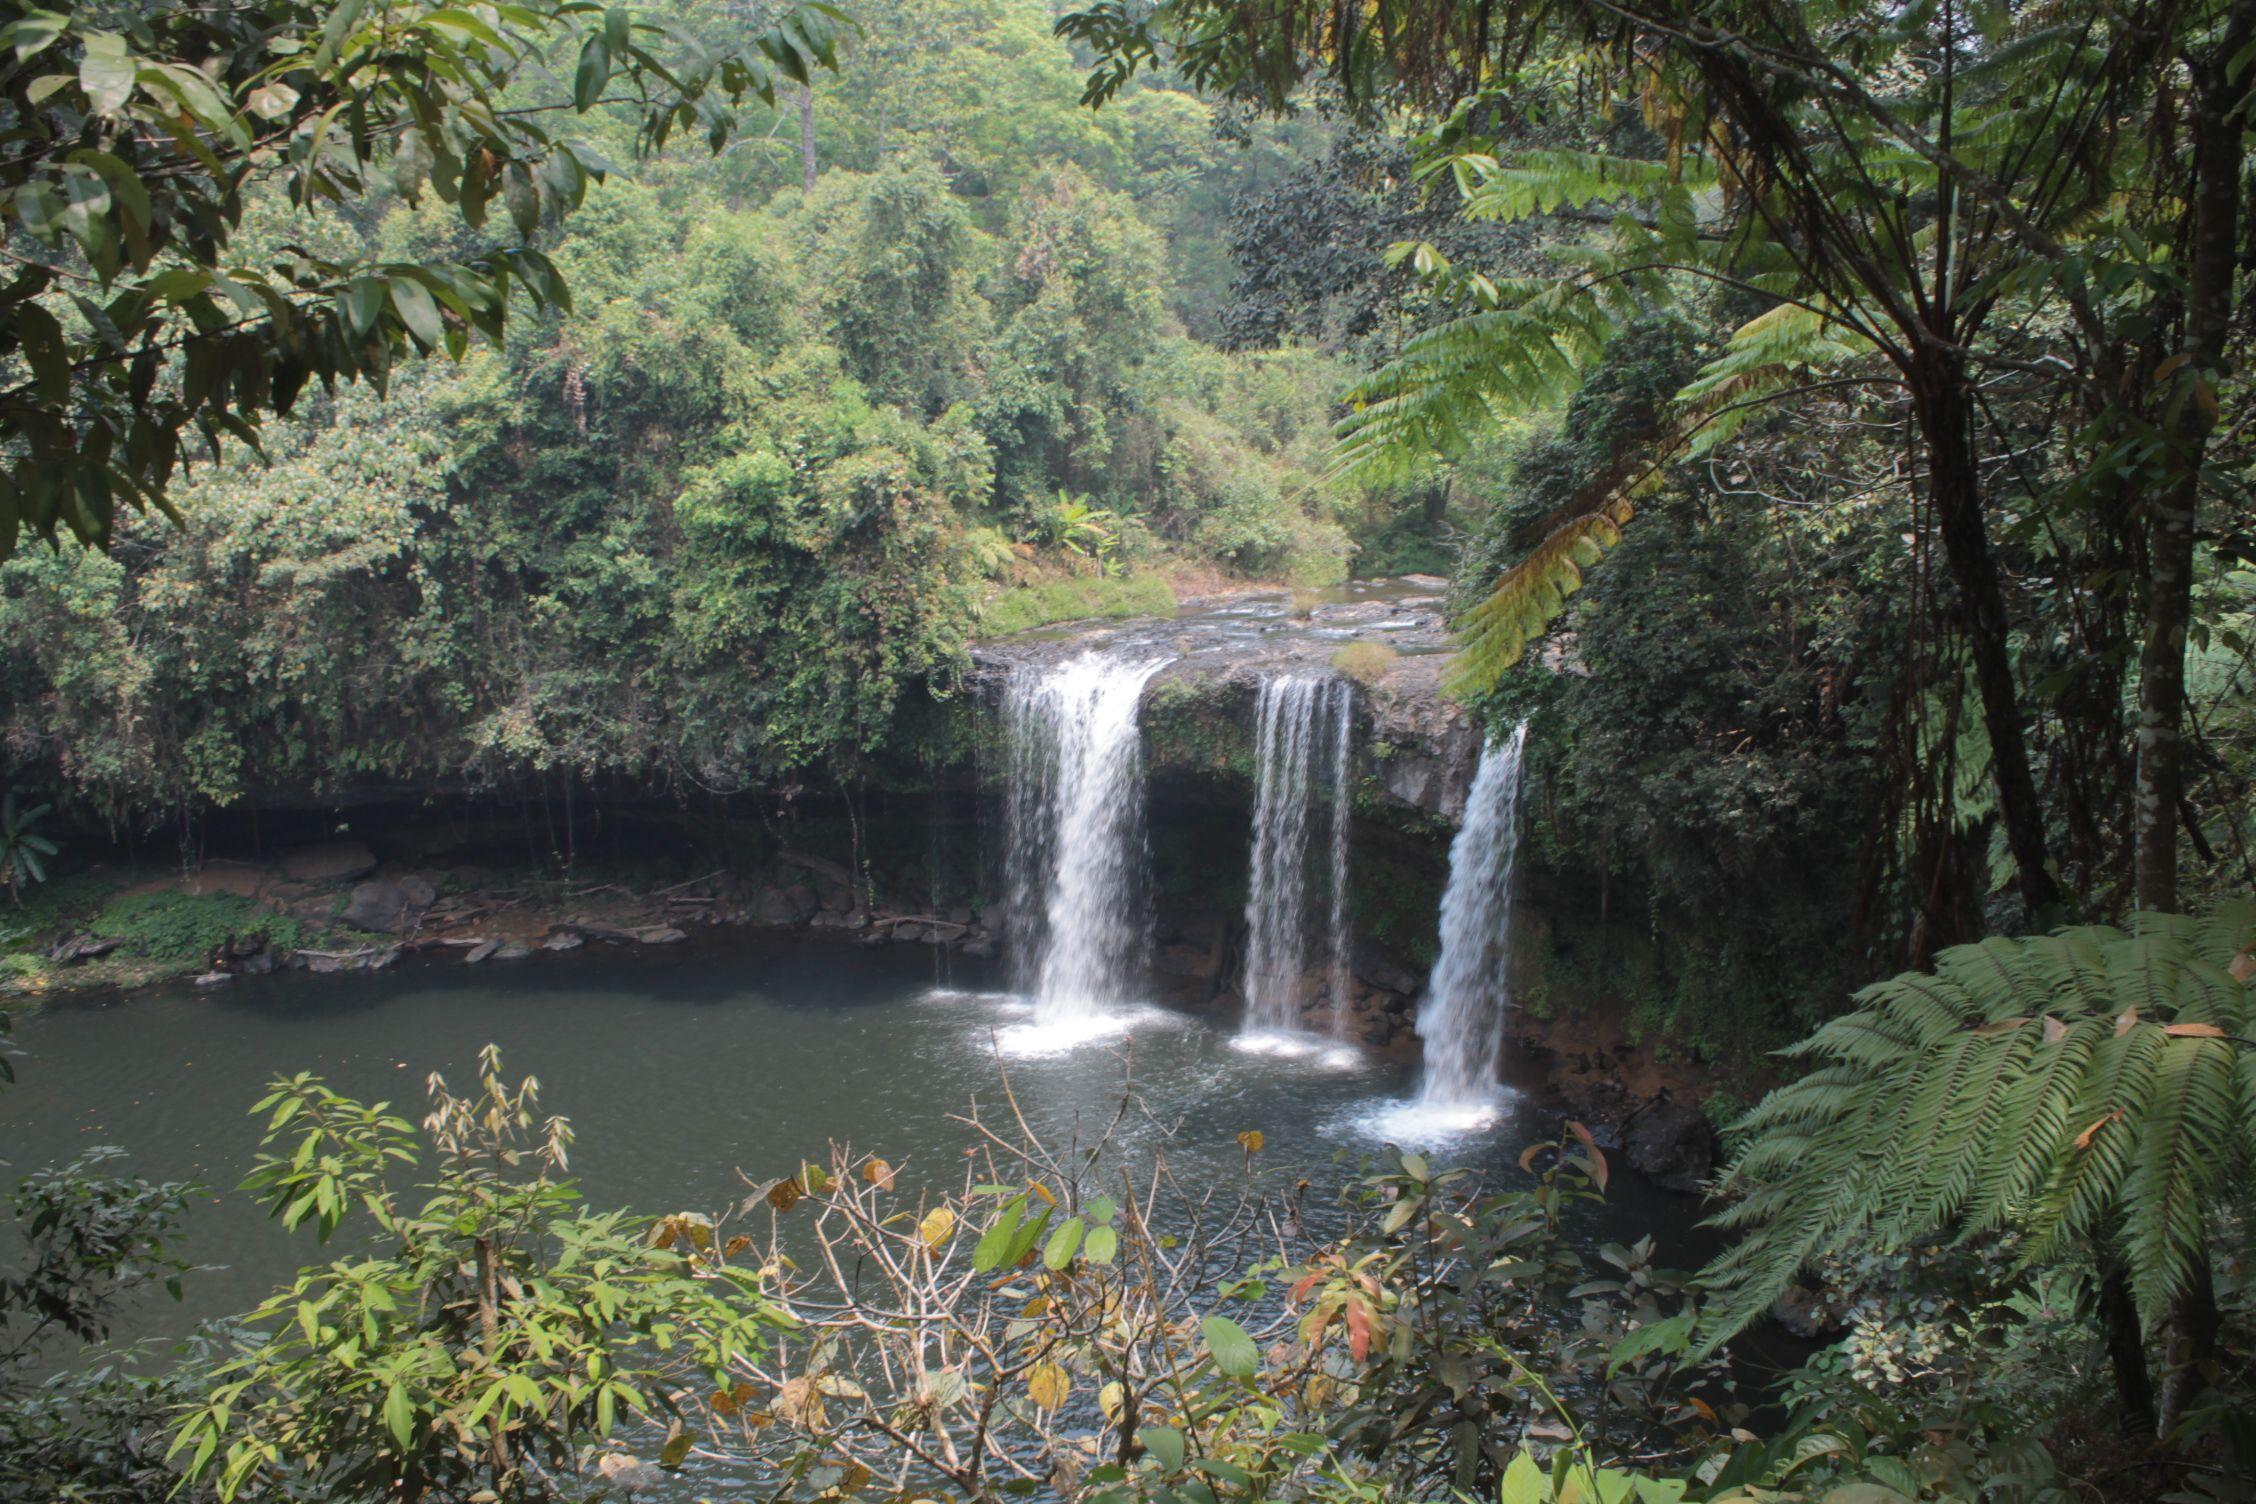 La primera cascada del recorrido, Tad Champi